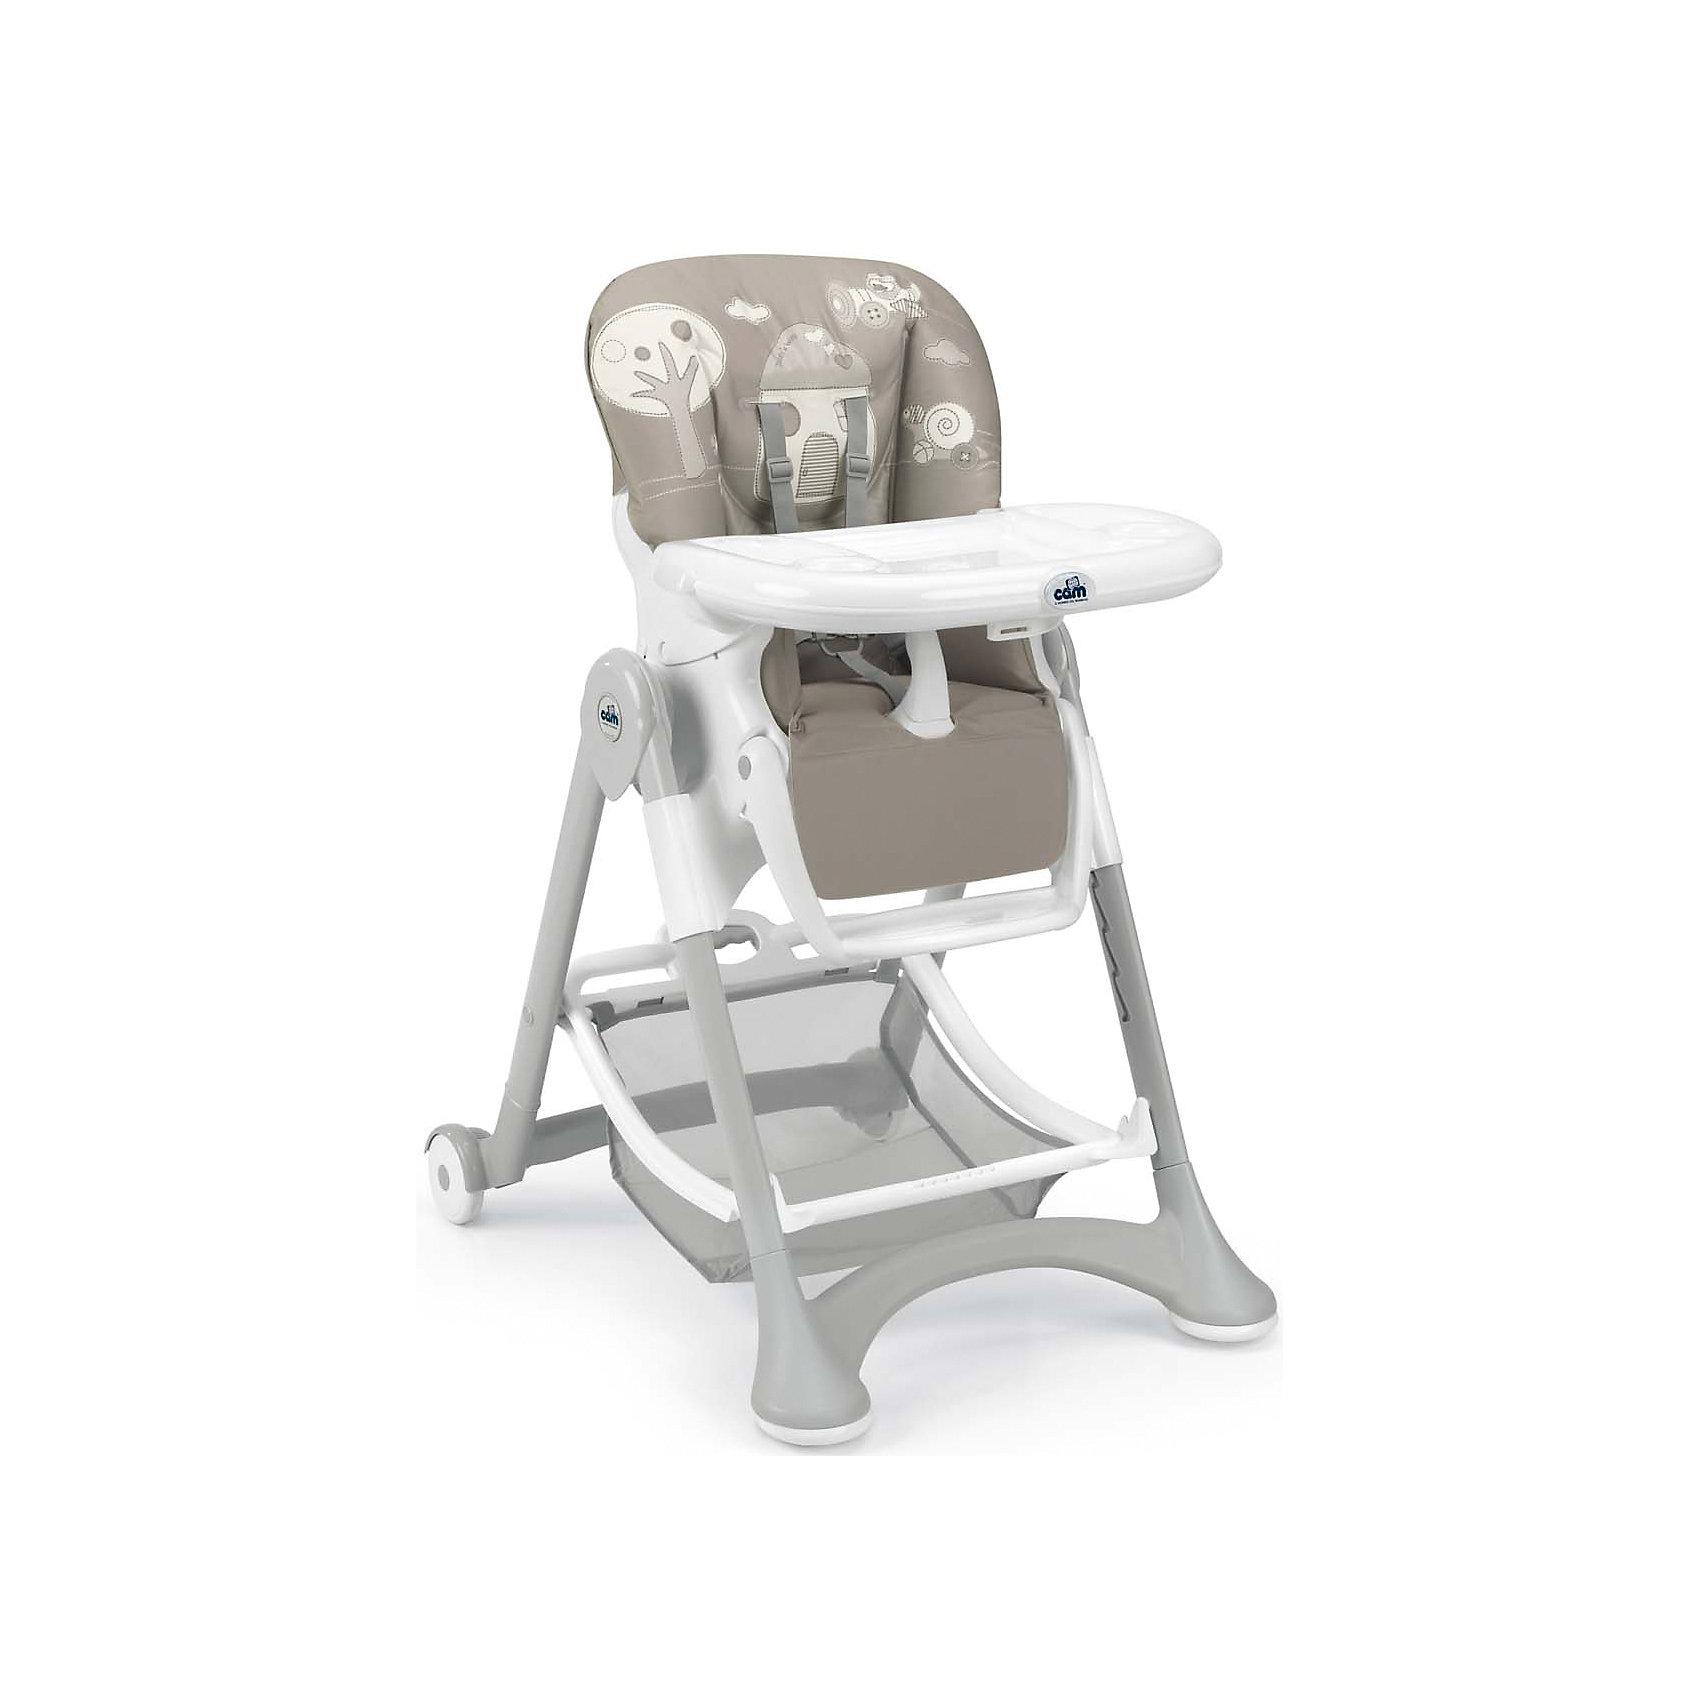 Стульчик для кормления Campione, Домик, Cam, тёмно-серыйХарактеристики:<br><br>• Наименование: стульчик для кормления<br>• Пол: универсальный<br>• Материал: металл, пластик, текстиль<br>• Цвет: темно-серый, серый, белый<br>• Наличие 6-ти уровней по высоте<br>• Регулируемый наклон спинки и подставки для ног в 4-х положениях<br>• Наличие 3-х подносов<br>• Имеет складную конструкцию<br>• Ножки оснащены колесиками, задние с фиксатором<br>• Размеры (Д*Ш*В): 109*84*61 см<br>• Комплектация: корзина для игрушек, ремни безопасности<br>• Вес: 9 кг 800 г<br><br>Стульчик для кормления Campione, Домик, Cam, темно-серый – идеальное решение для подросшего малыша. Стульчик от Cam изготовлен из экологически безопасных, но при этом очень прочных материалов, за которыми легко ухаживать. Конструкция состоит из металлического каркаса с ножками, у которых предусмотрены колесики с фиксатором, чехол сидения из водоооталкивающей ткани. Безопасность пребывания ребенка в стульчике обеспечивается не только специальной конструкцией, но и ремнями безопасности. У сидения и подножки предусмотрена регулировка угла наклона. По высоте стульчик можно устанавливать в шести положениях. Съемные подносы облегчат их мытье после кормления или творческих занятий. Стульчик для кормления Campione, Домик, Cam, темно-серый – это комфорт и безопасность для вашего ребенка.<br><br>Стульчик для кормления Campione, Домик, Cam, темно-серый можно купить в нашем интернет-магазине.<br><br>Ширина мм: 627<br>Глубина мм: 307<br>Высота мм: 980<br>Вес г: 12100<br>Возраст от месяцев: 6<br>Возраст до месяцев: 36<br>Пол: Унисекс<br>Возраст: Детский<br>SKU: 5179807